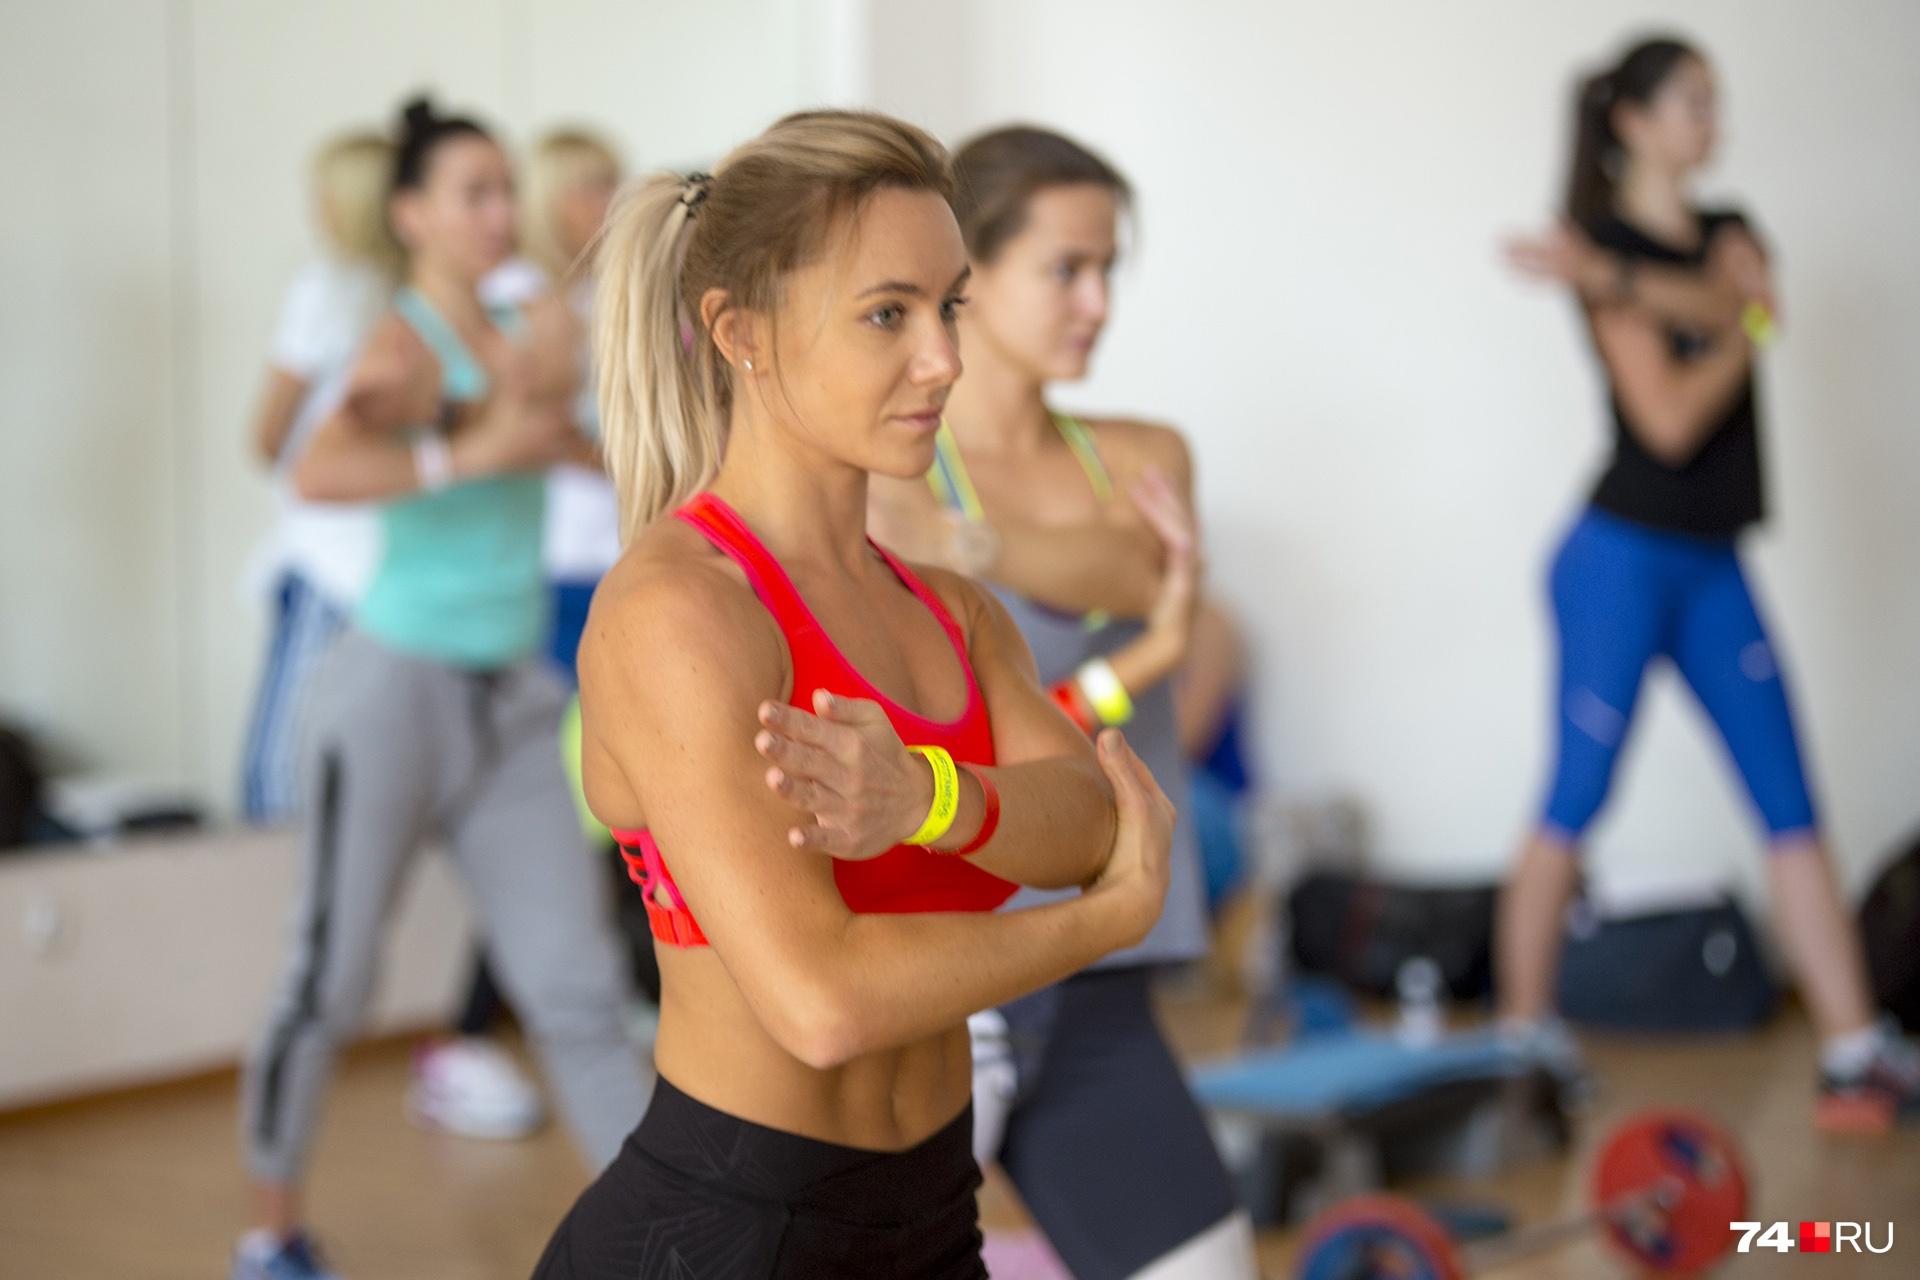 На одном только фитнес-питании вы вряд ли придете в форму